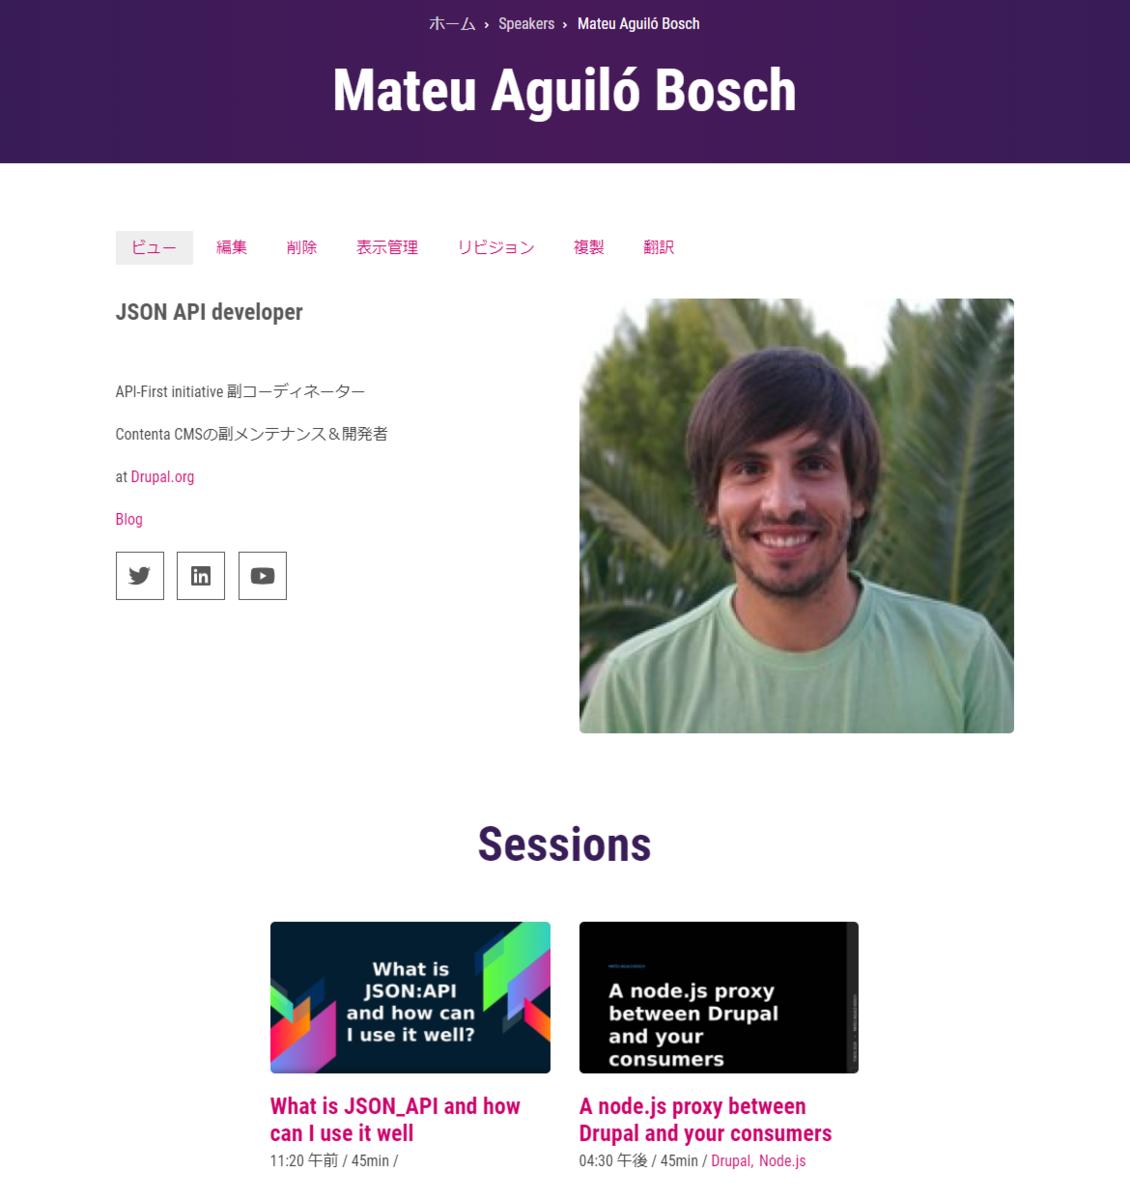 Mateu-Aguiló-Bosch-API-First-Decoupled-Drupal-キャンプ_s2.png